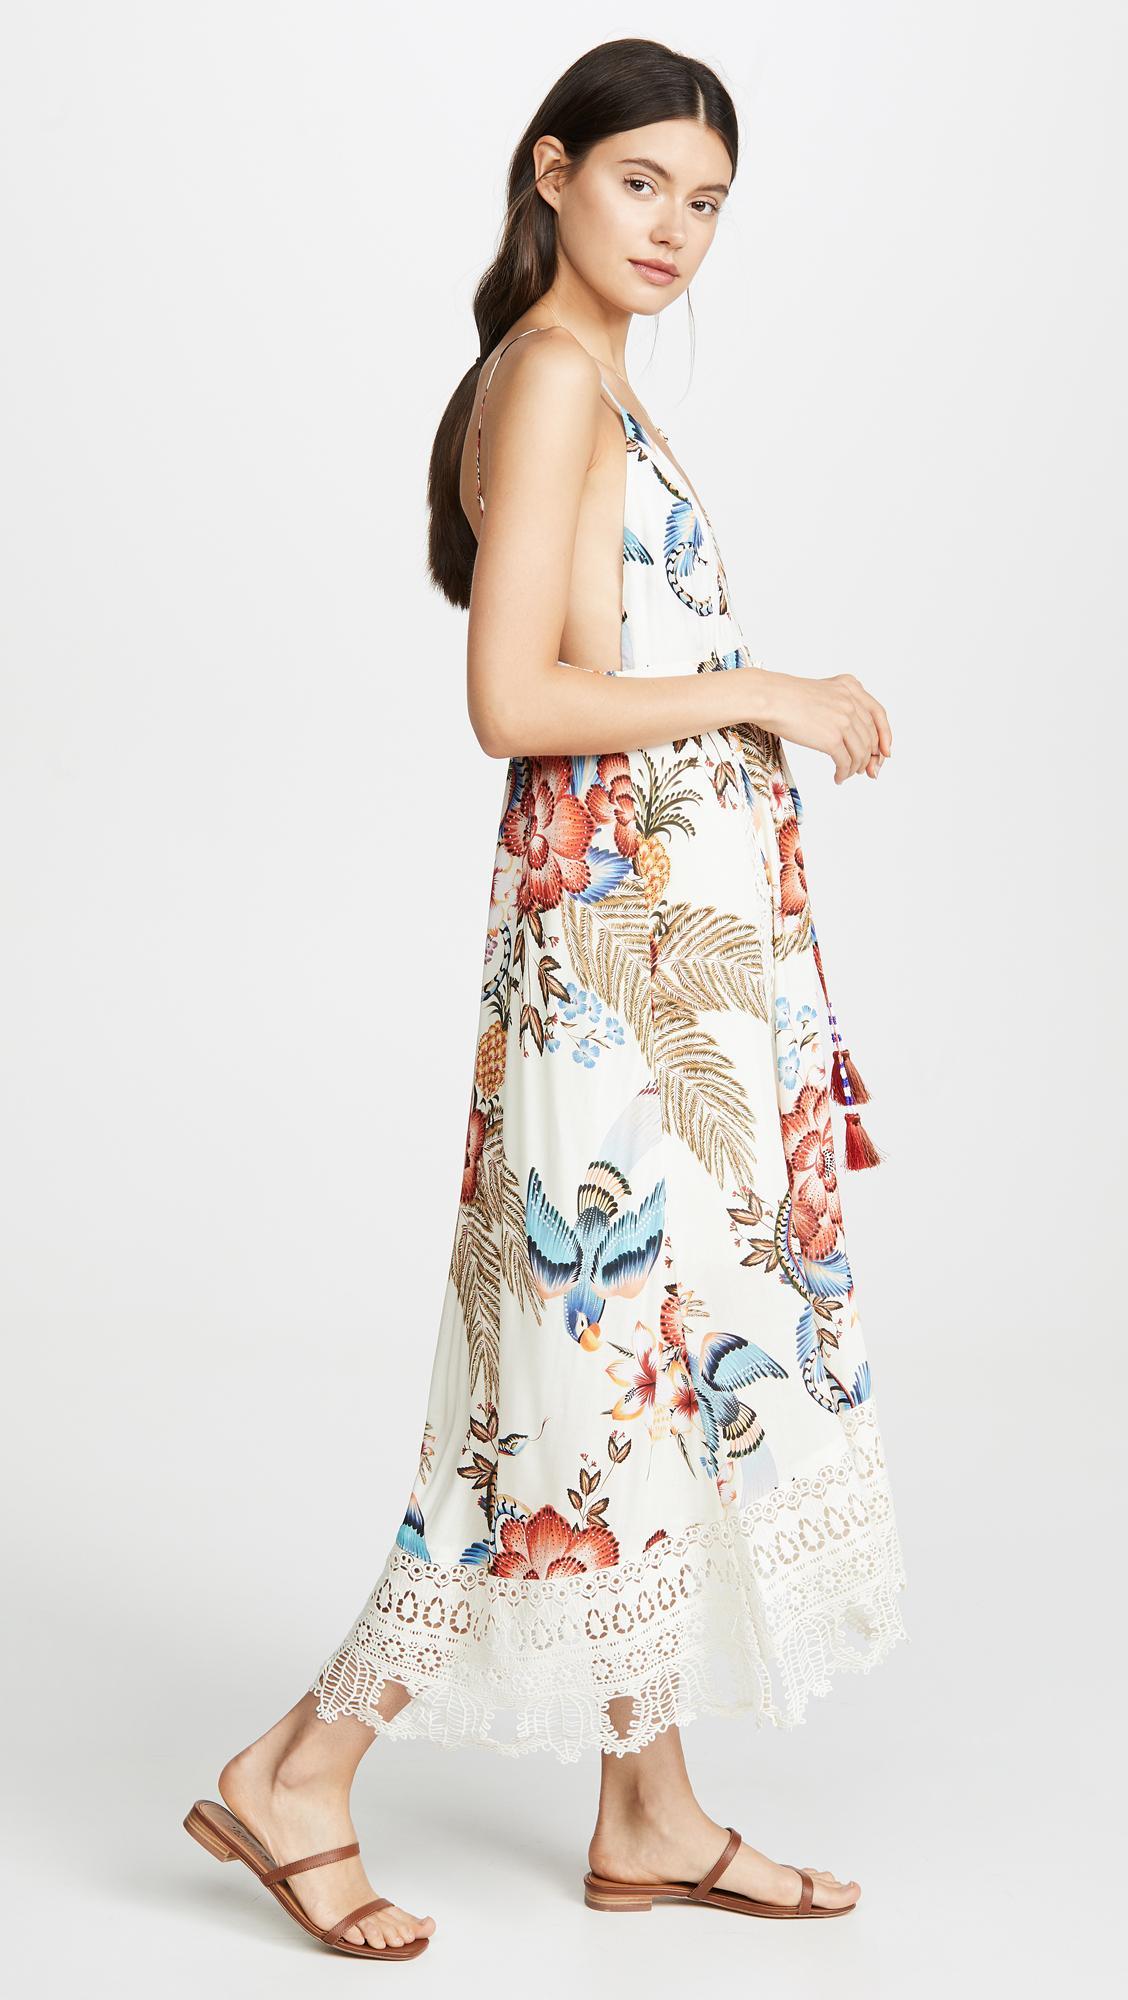 bb9626c0e1bf ... Romantic Floral Mini Dress - Lyst. View fullscreen